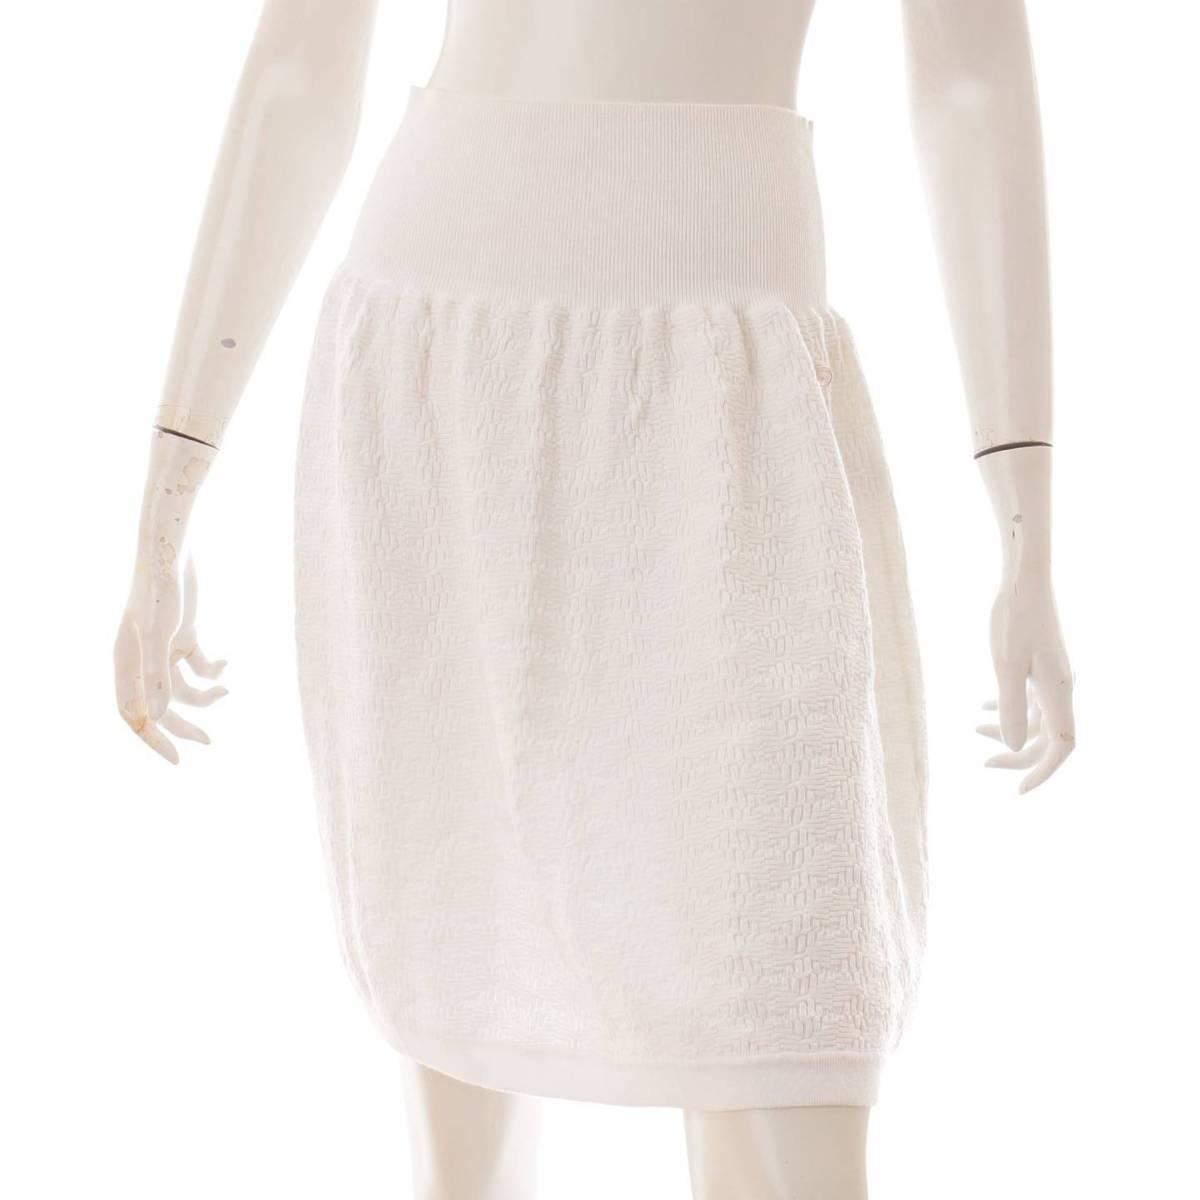 シャネル Chanel ココマーク コットン ハイウエスト スカート P47912 正規品保証 鑑定済 中古 127051 40 激安 激安特価 送料無料 ホワイト 新色追加